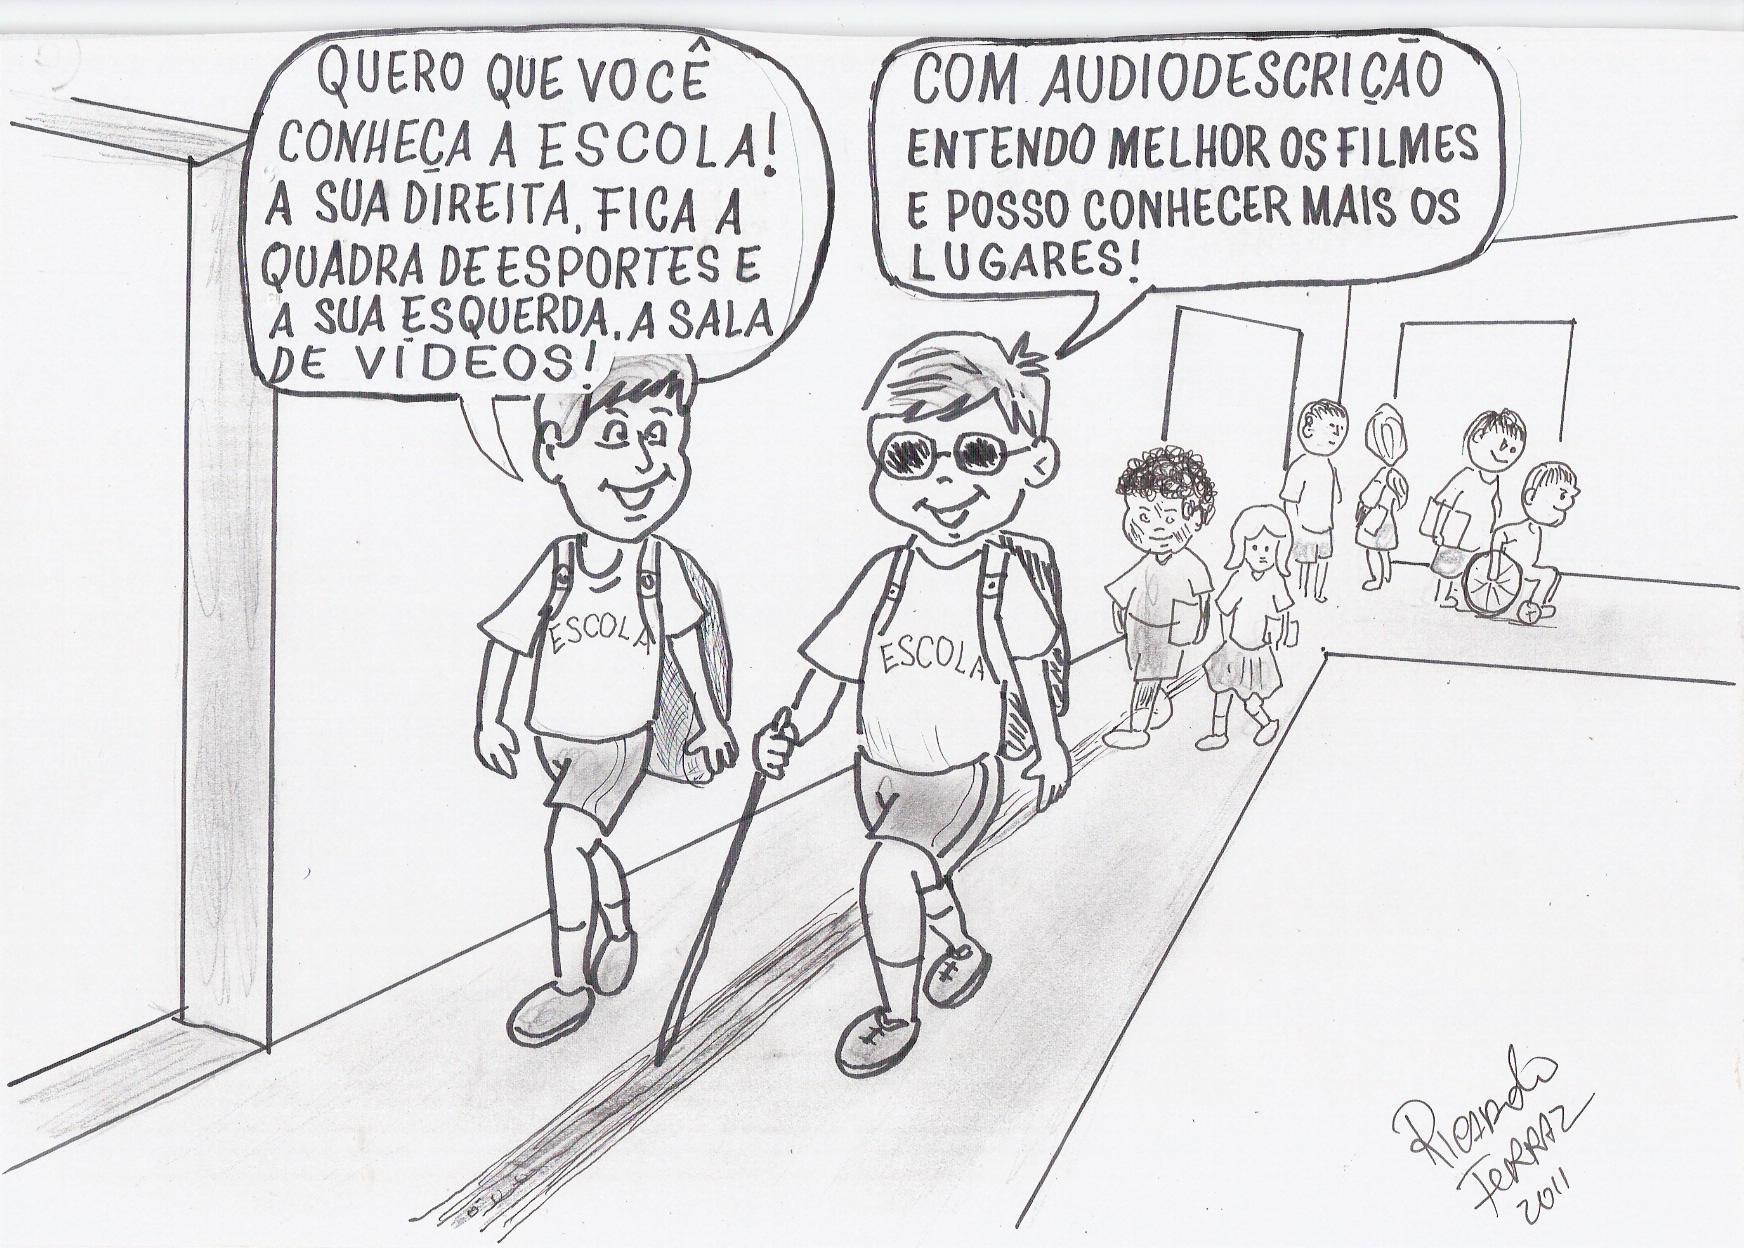 A charge de Ricardo Ferraz mostra dois alunos caminhando e conversando animados pelo corredor da escola. Um deles é cego e ambos estão com uniformes e carregam mochilas nas costas. Ao fundo, vários outros alunos, dentre eles um aluno na cadeira de rodas. O aluno da esquerda vira-se para o colega cego e diz: QUERO QUE VOCÊ CONHEÇA A ESCOLA! A SUA DIREITA, FICA A QUADRA DE ESPORTES E A SUA ESQUERDA, A SALA DE VÍDEOS! O aluno cego, com óculos escuros e bengala apoiada no piso tátil, responde sorridente: COM AUDIODESCRIÇÃO ENTENDO MELHOR OS FILMES E POSSO CONHECER MAIS OS LUGARES! As falas dos dois estão dentro de balões.